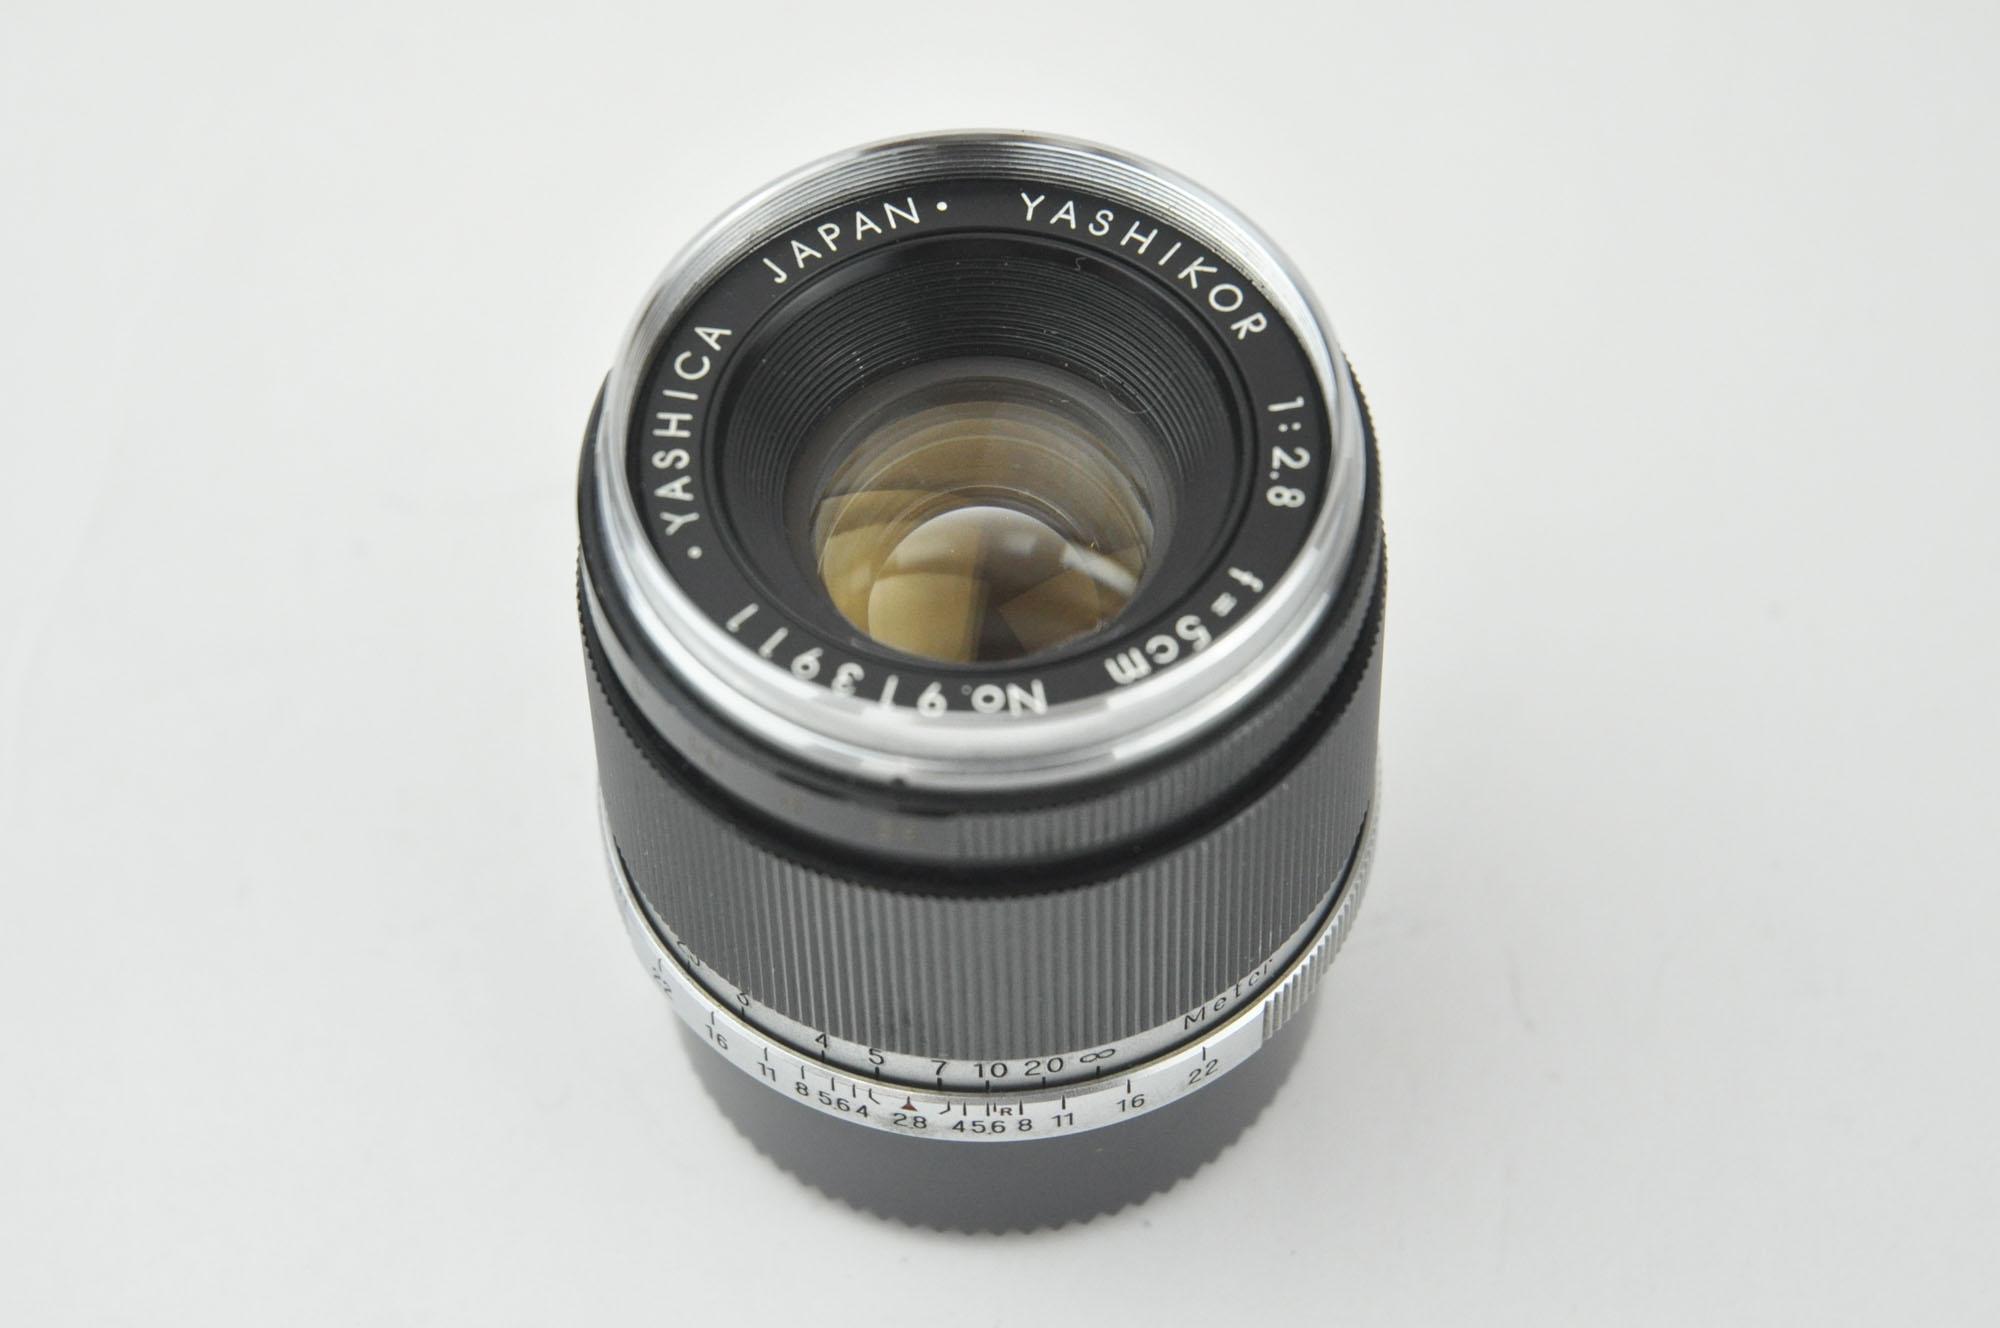 Yashica Yashikor 50mmF2.8